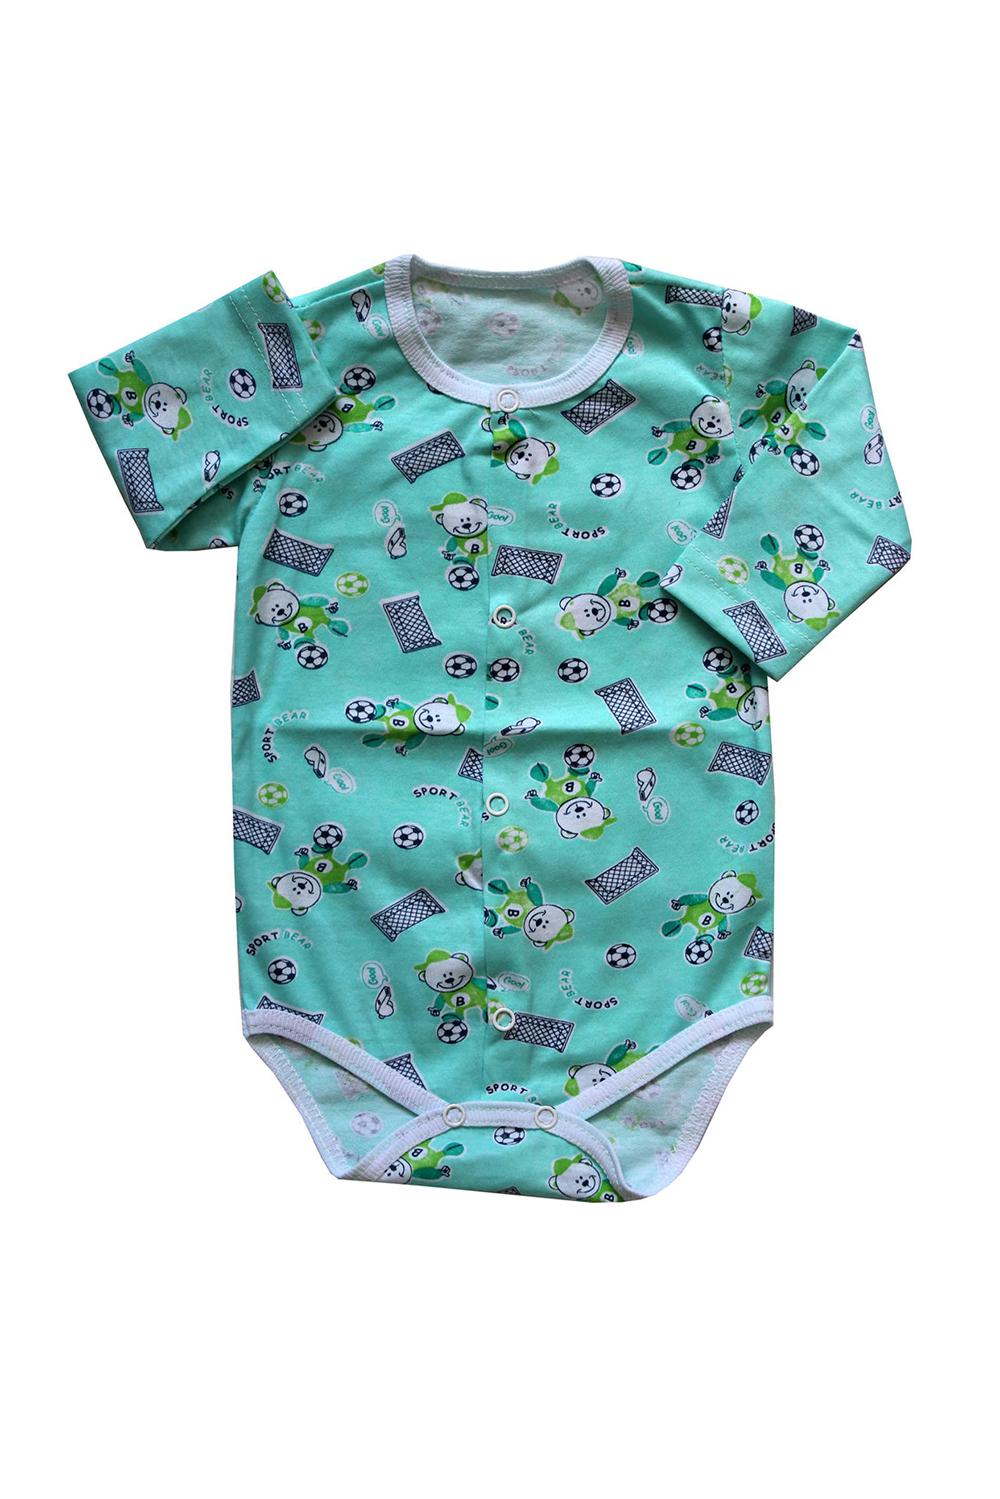 БодиКофточки<br>Хлопковое боди для новорожденного  В изделии использованы цвета: зеленый и др.  Размер соответствует росту ребенка.<br><br>По сезону: Всесезон<br>Размер : 62,68<br>Материал: Хлопок<br>Количество в наличии: 2